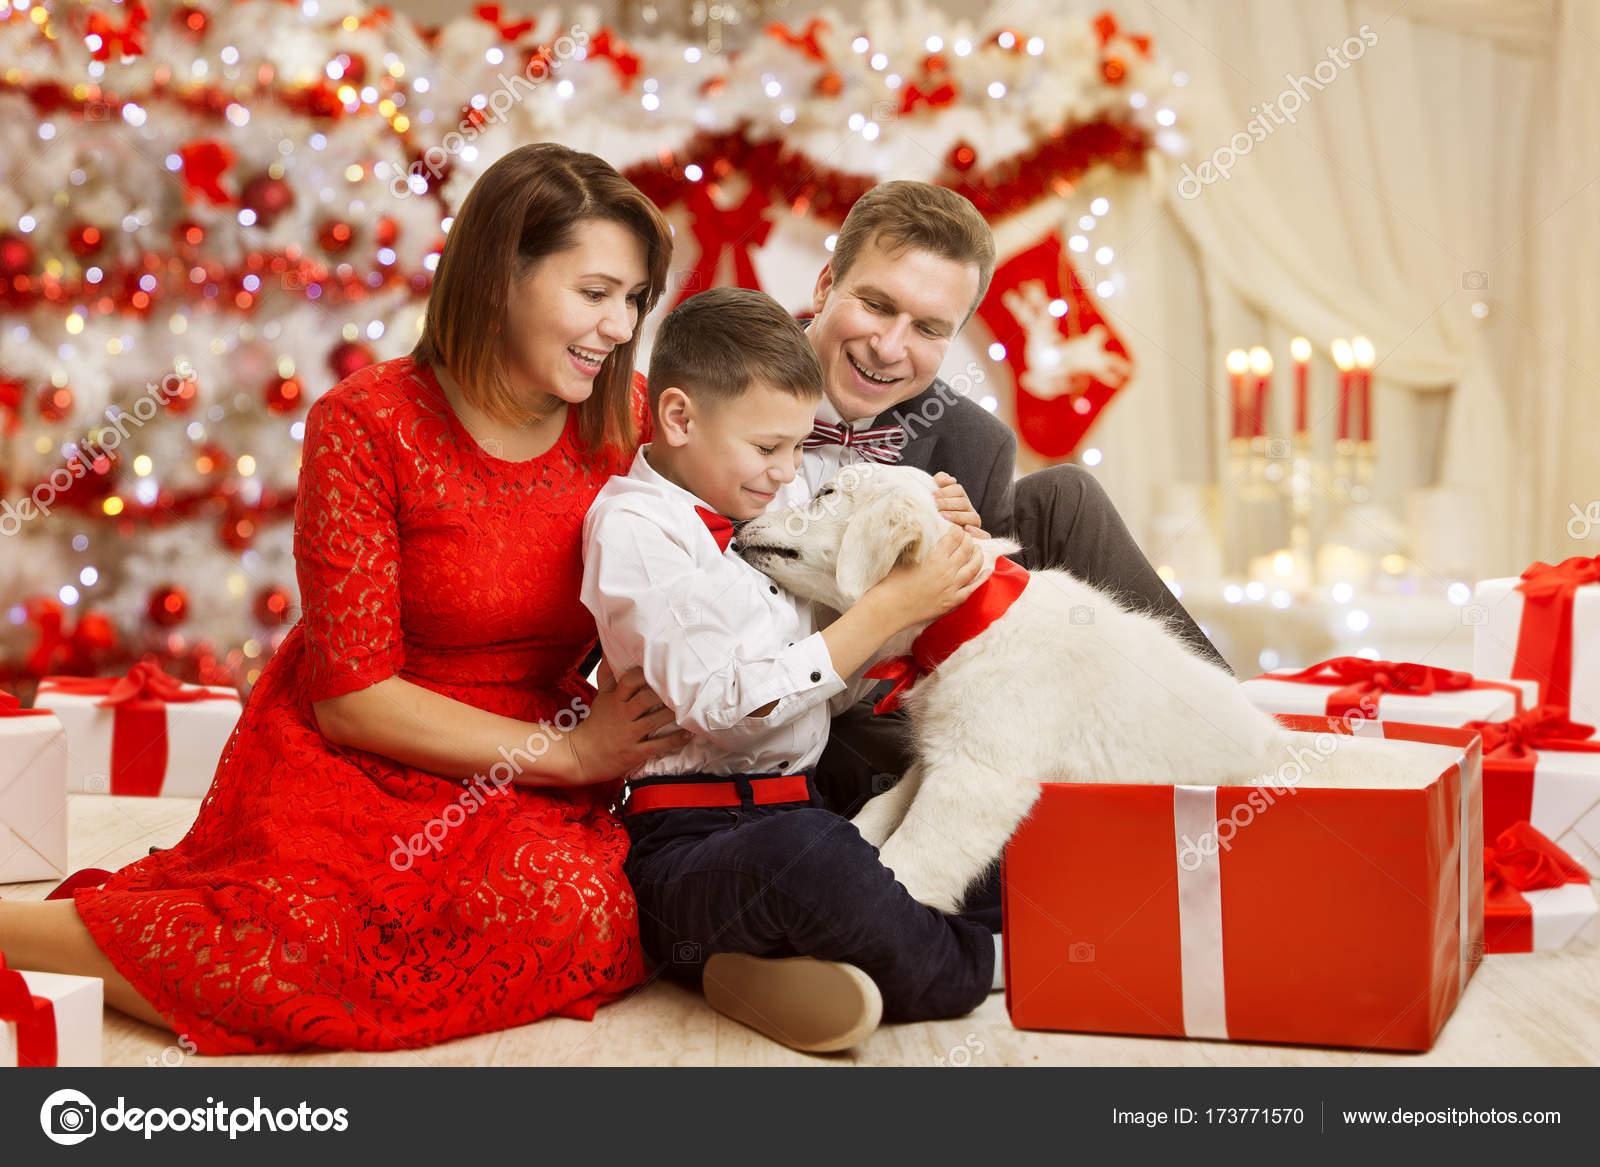 Geschenkideen Familie Weihnachten.Weihnachten Familie Geben Hund Präsent Geschenk Vater Mutter Kind